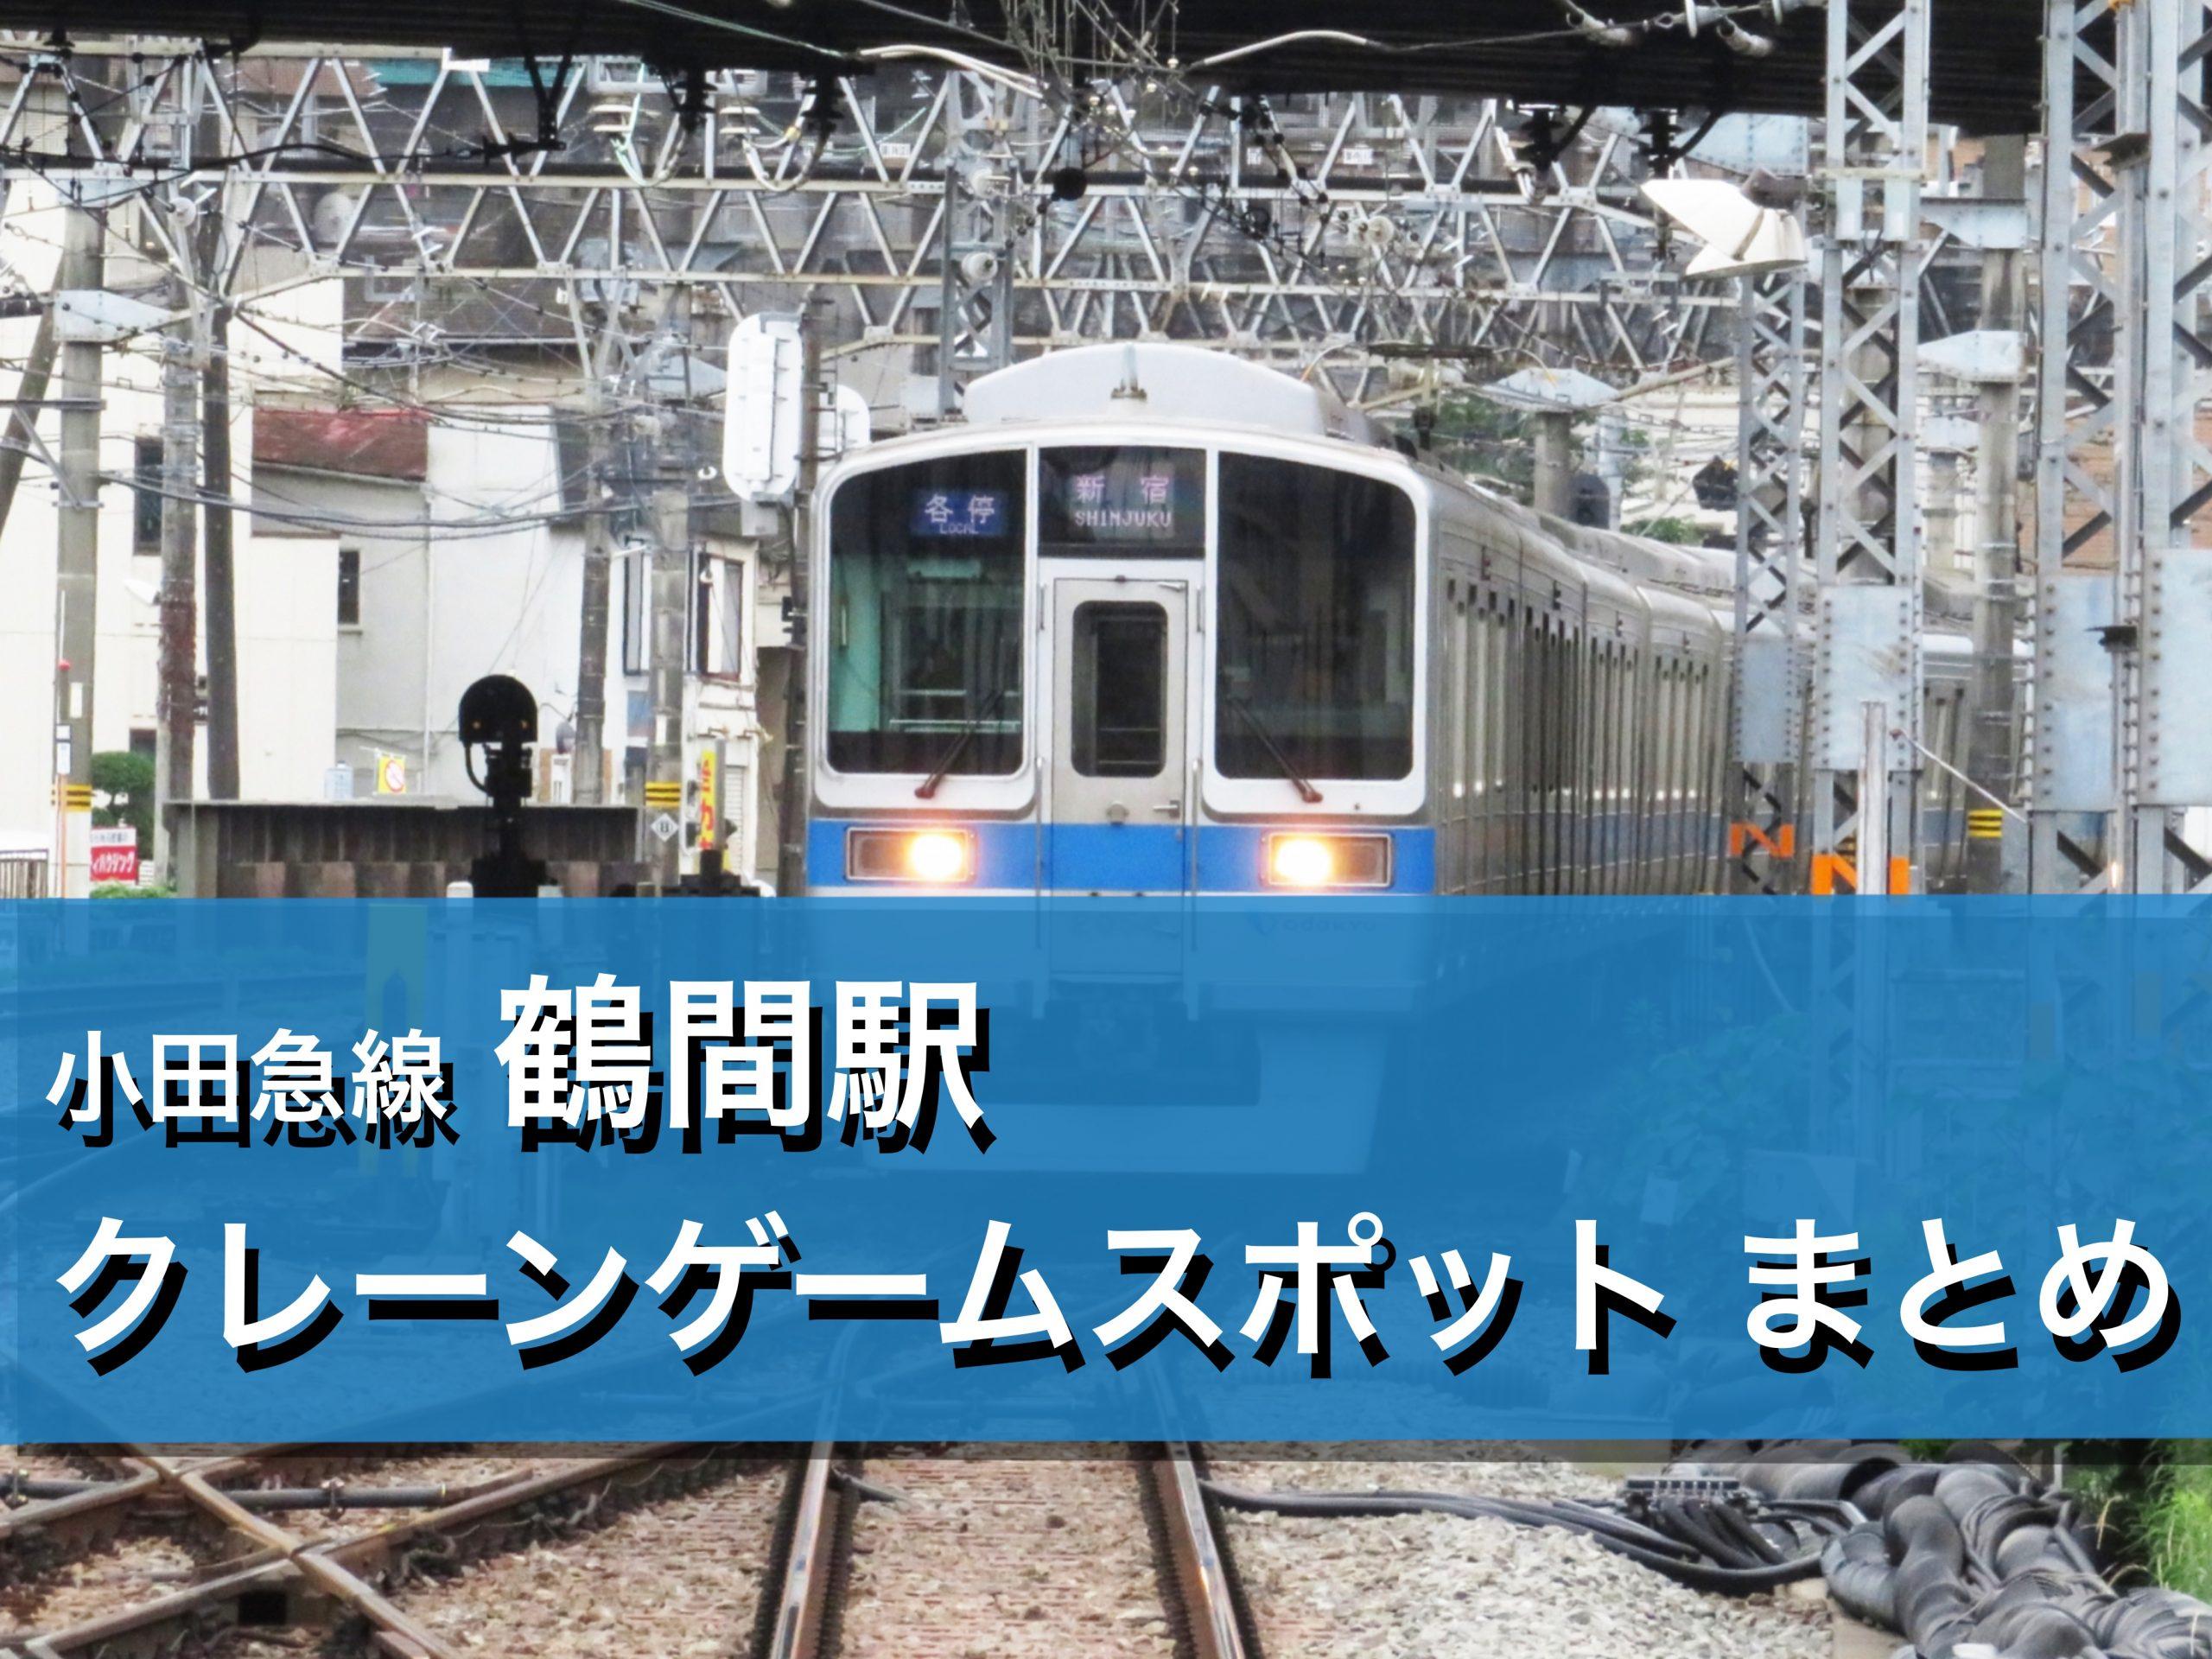 【鶴間駅】クレーンゲームができる場所